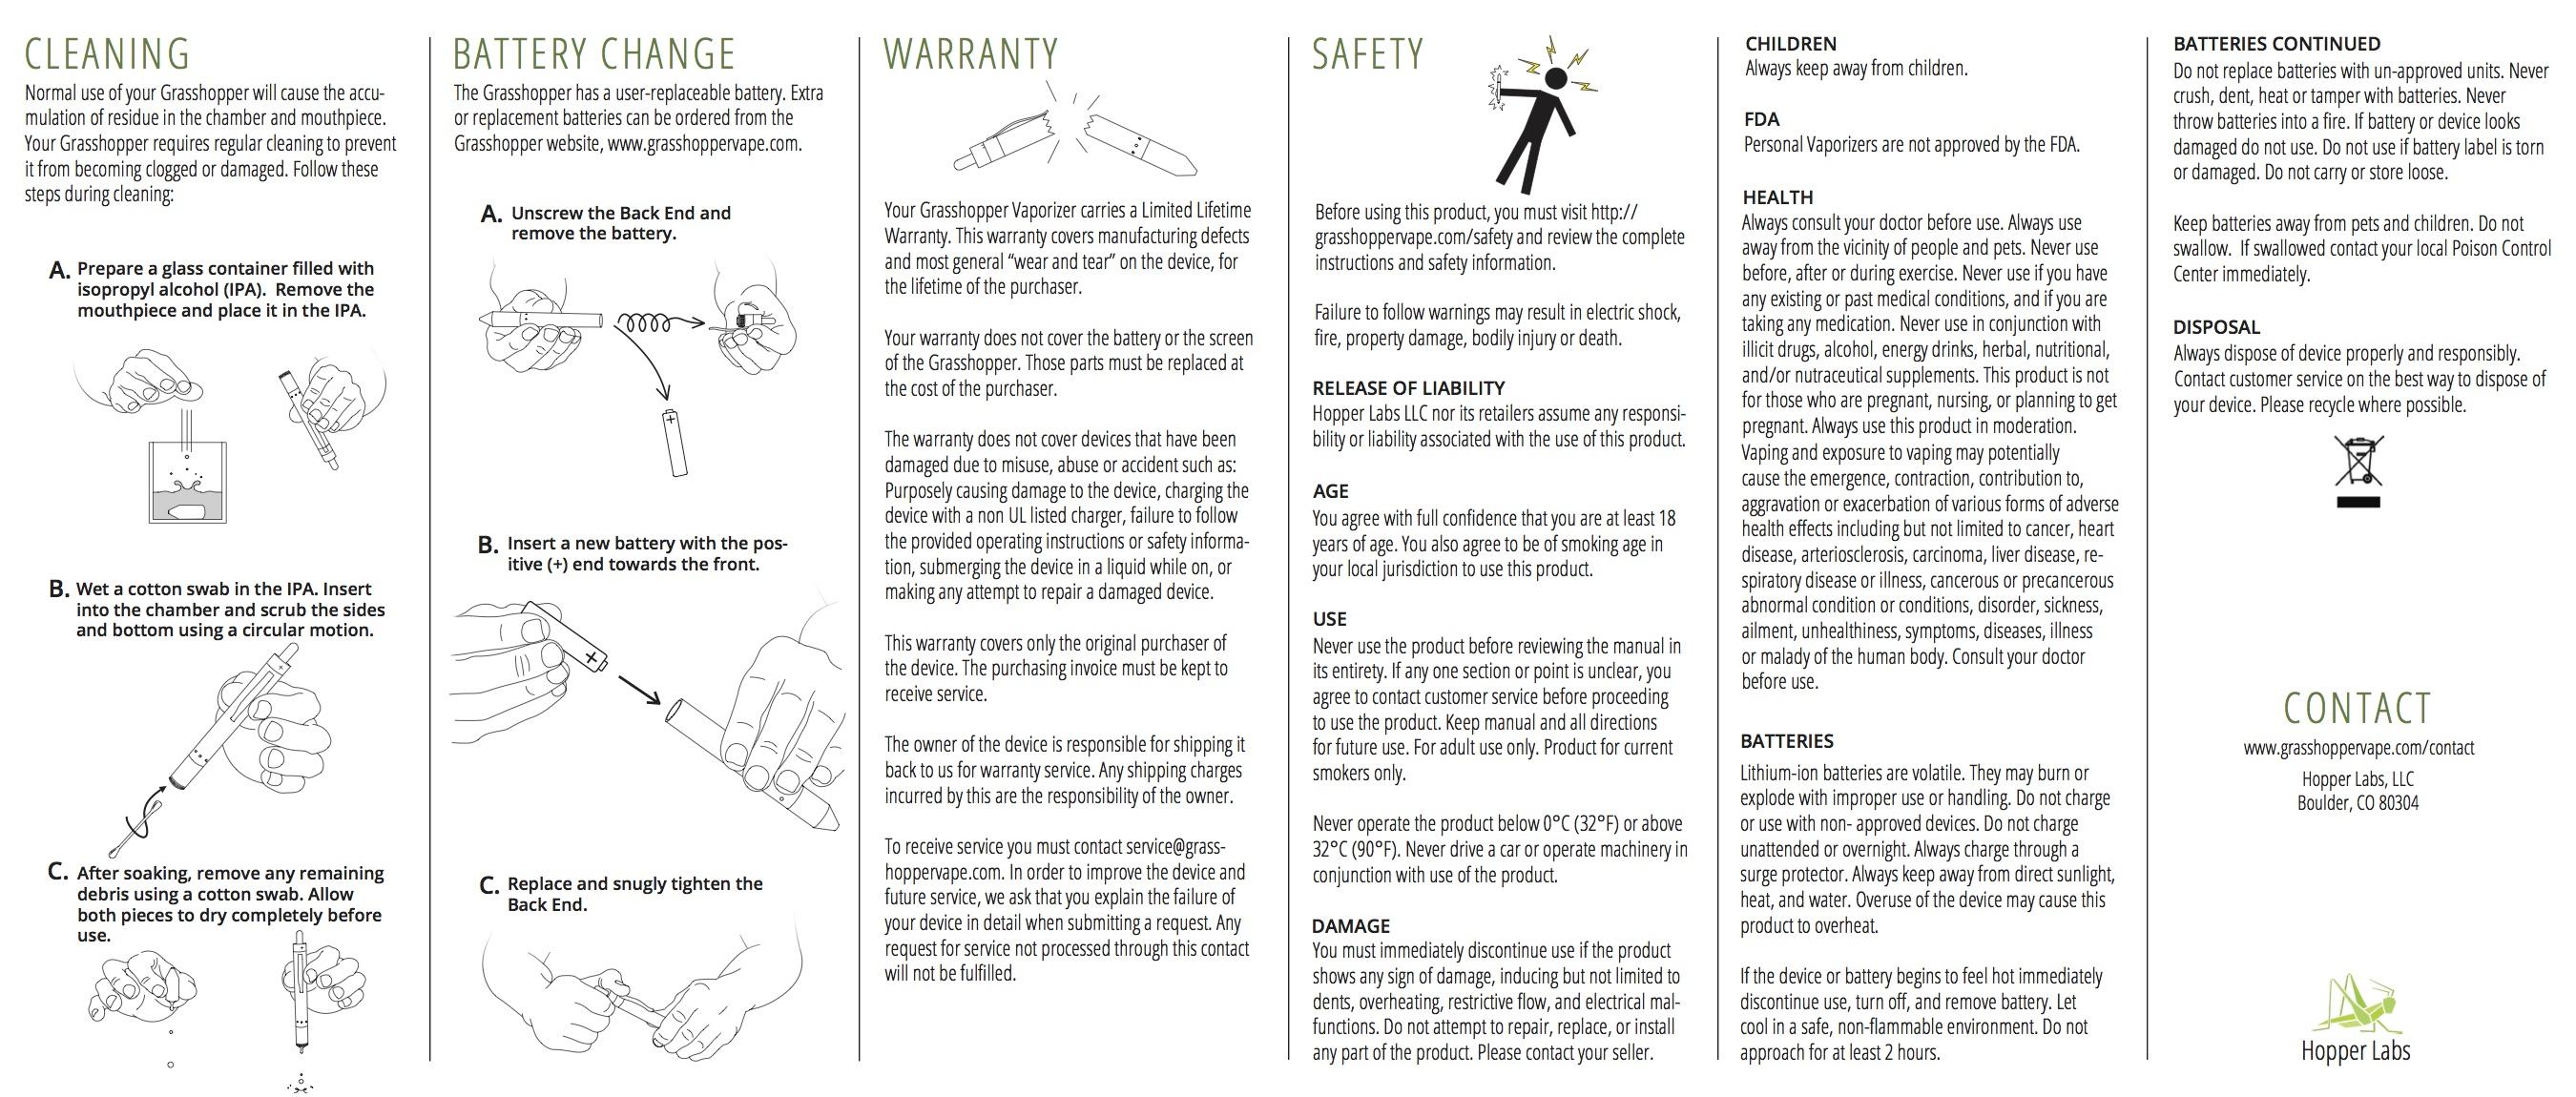 Grasshopper Manual | Grasshopper